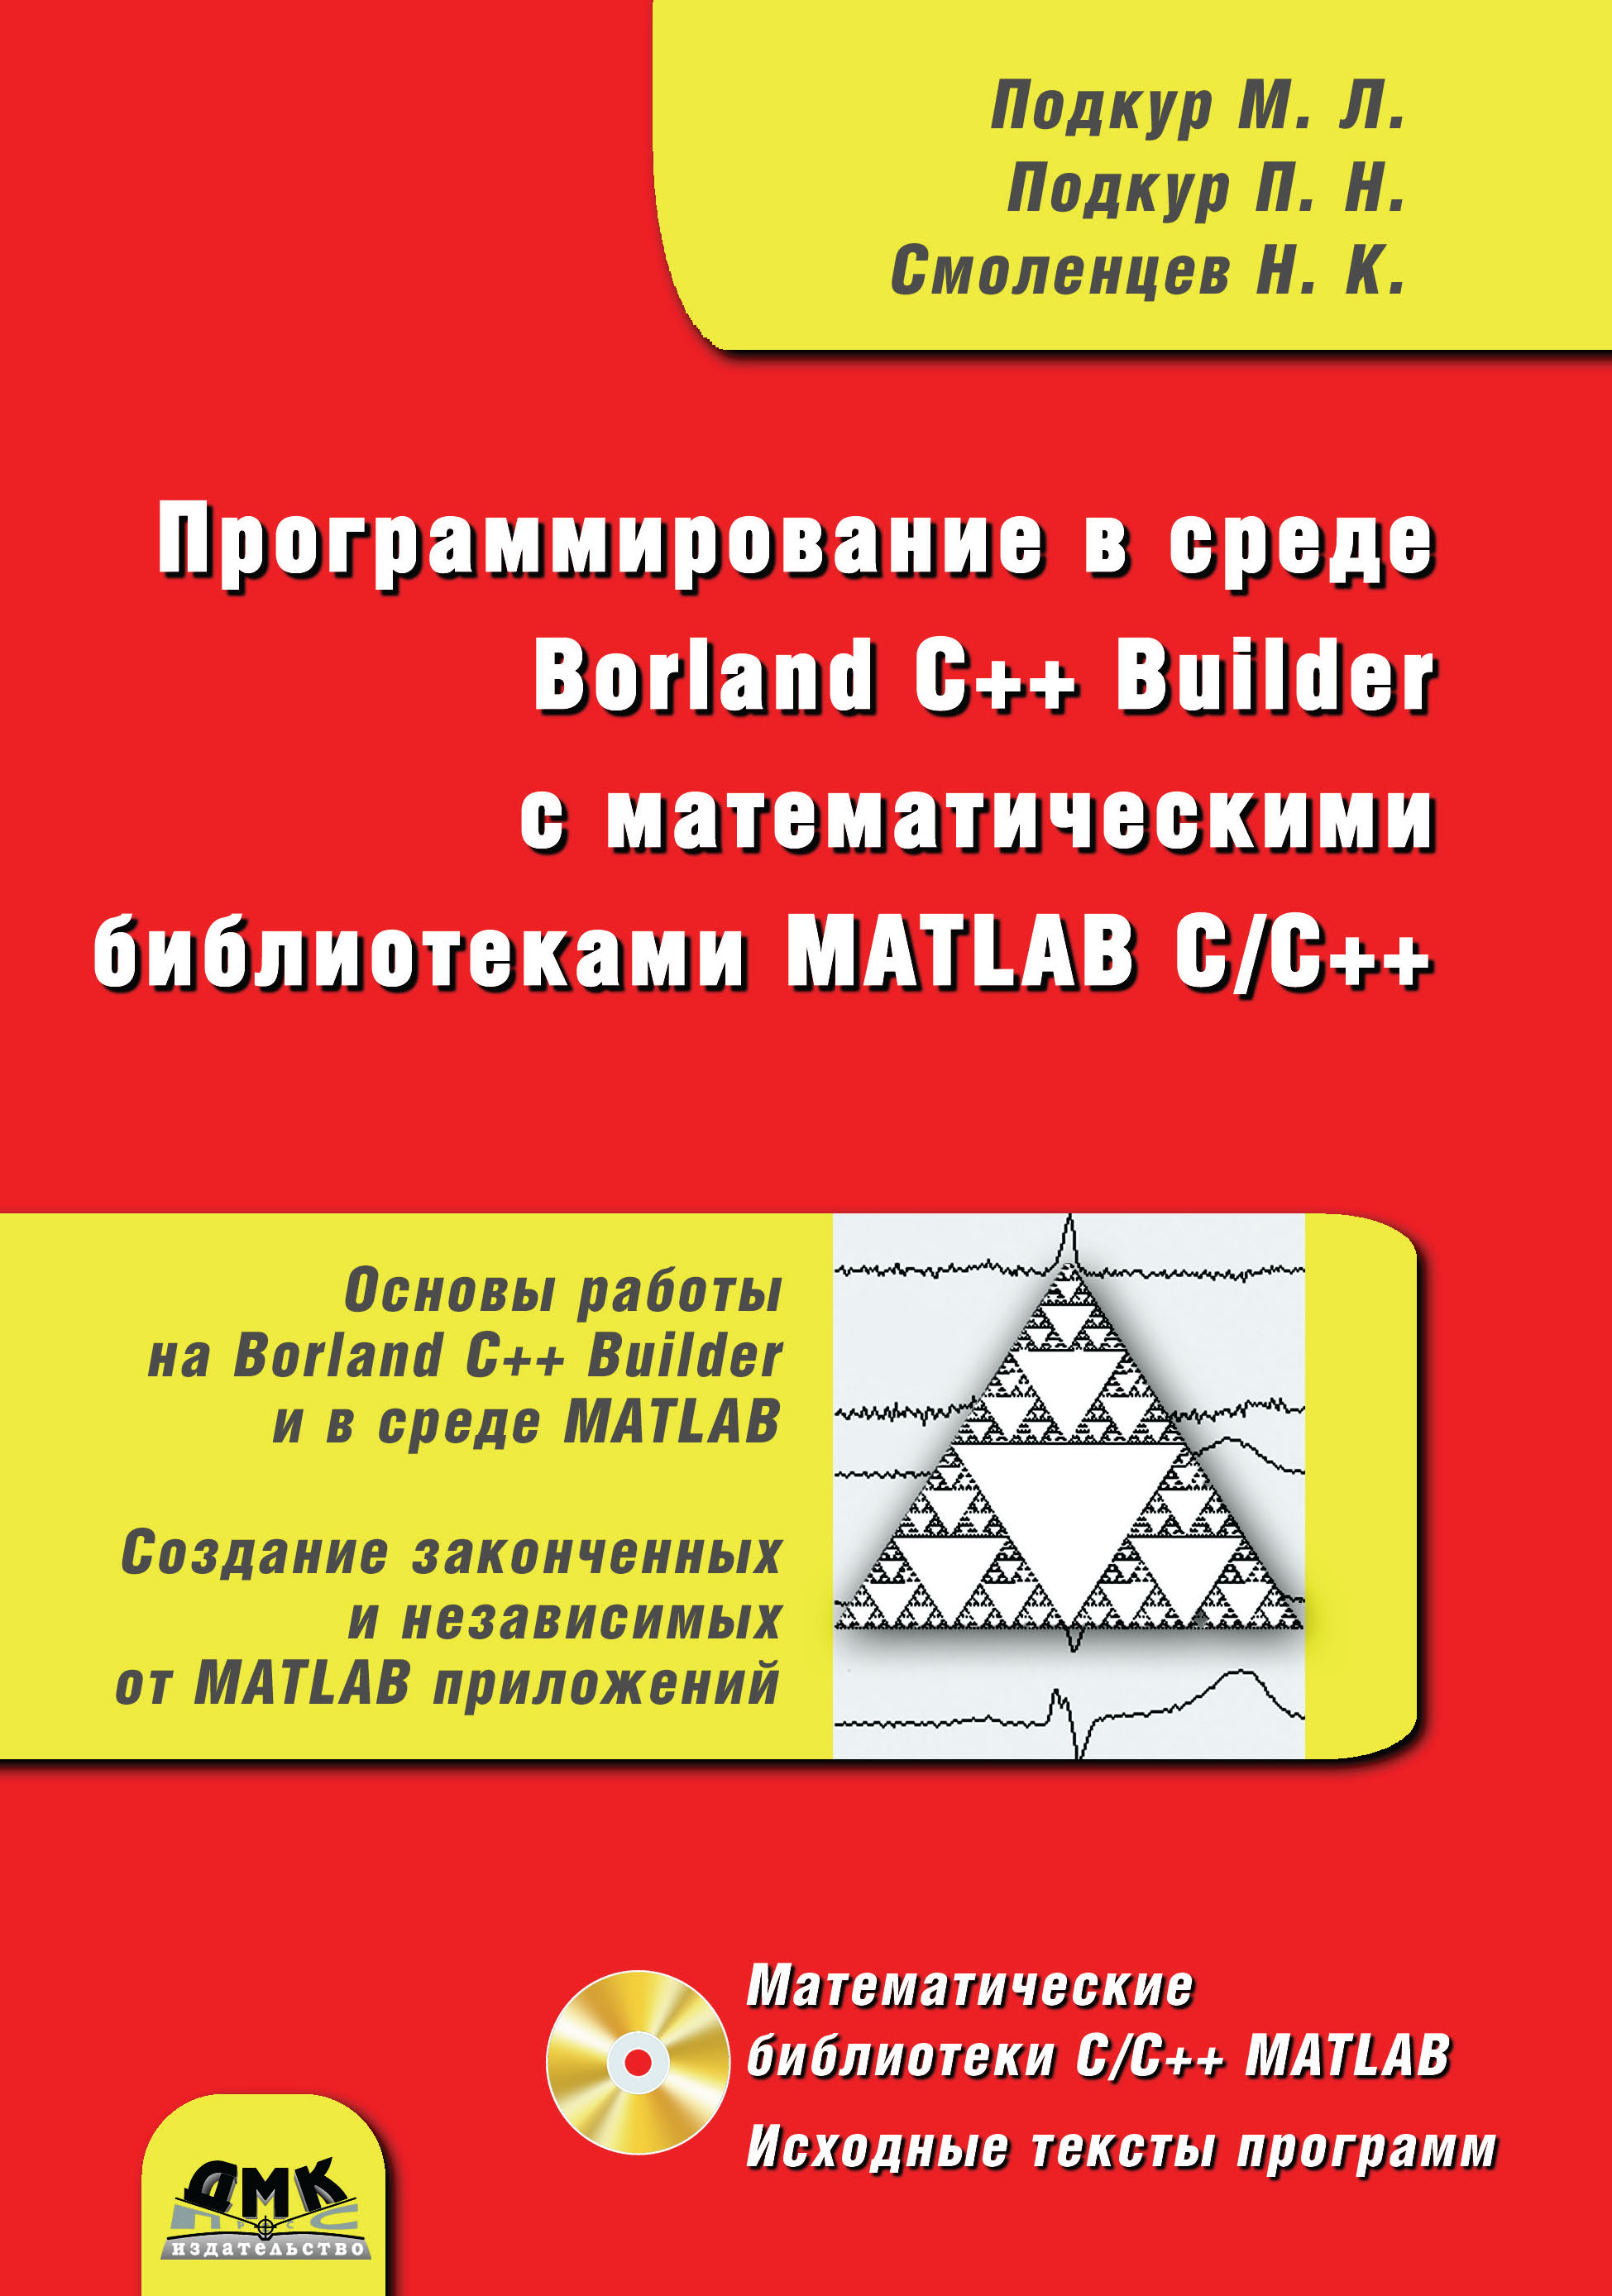 Николай Смоленцев Программирование в среде Borland C++ Builder с математическими библиотеками MATLAB С/С++